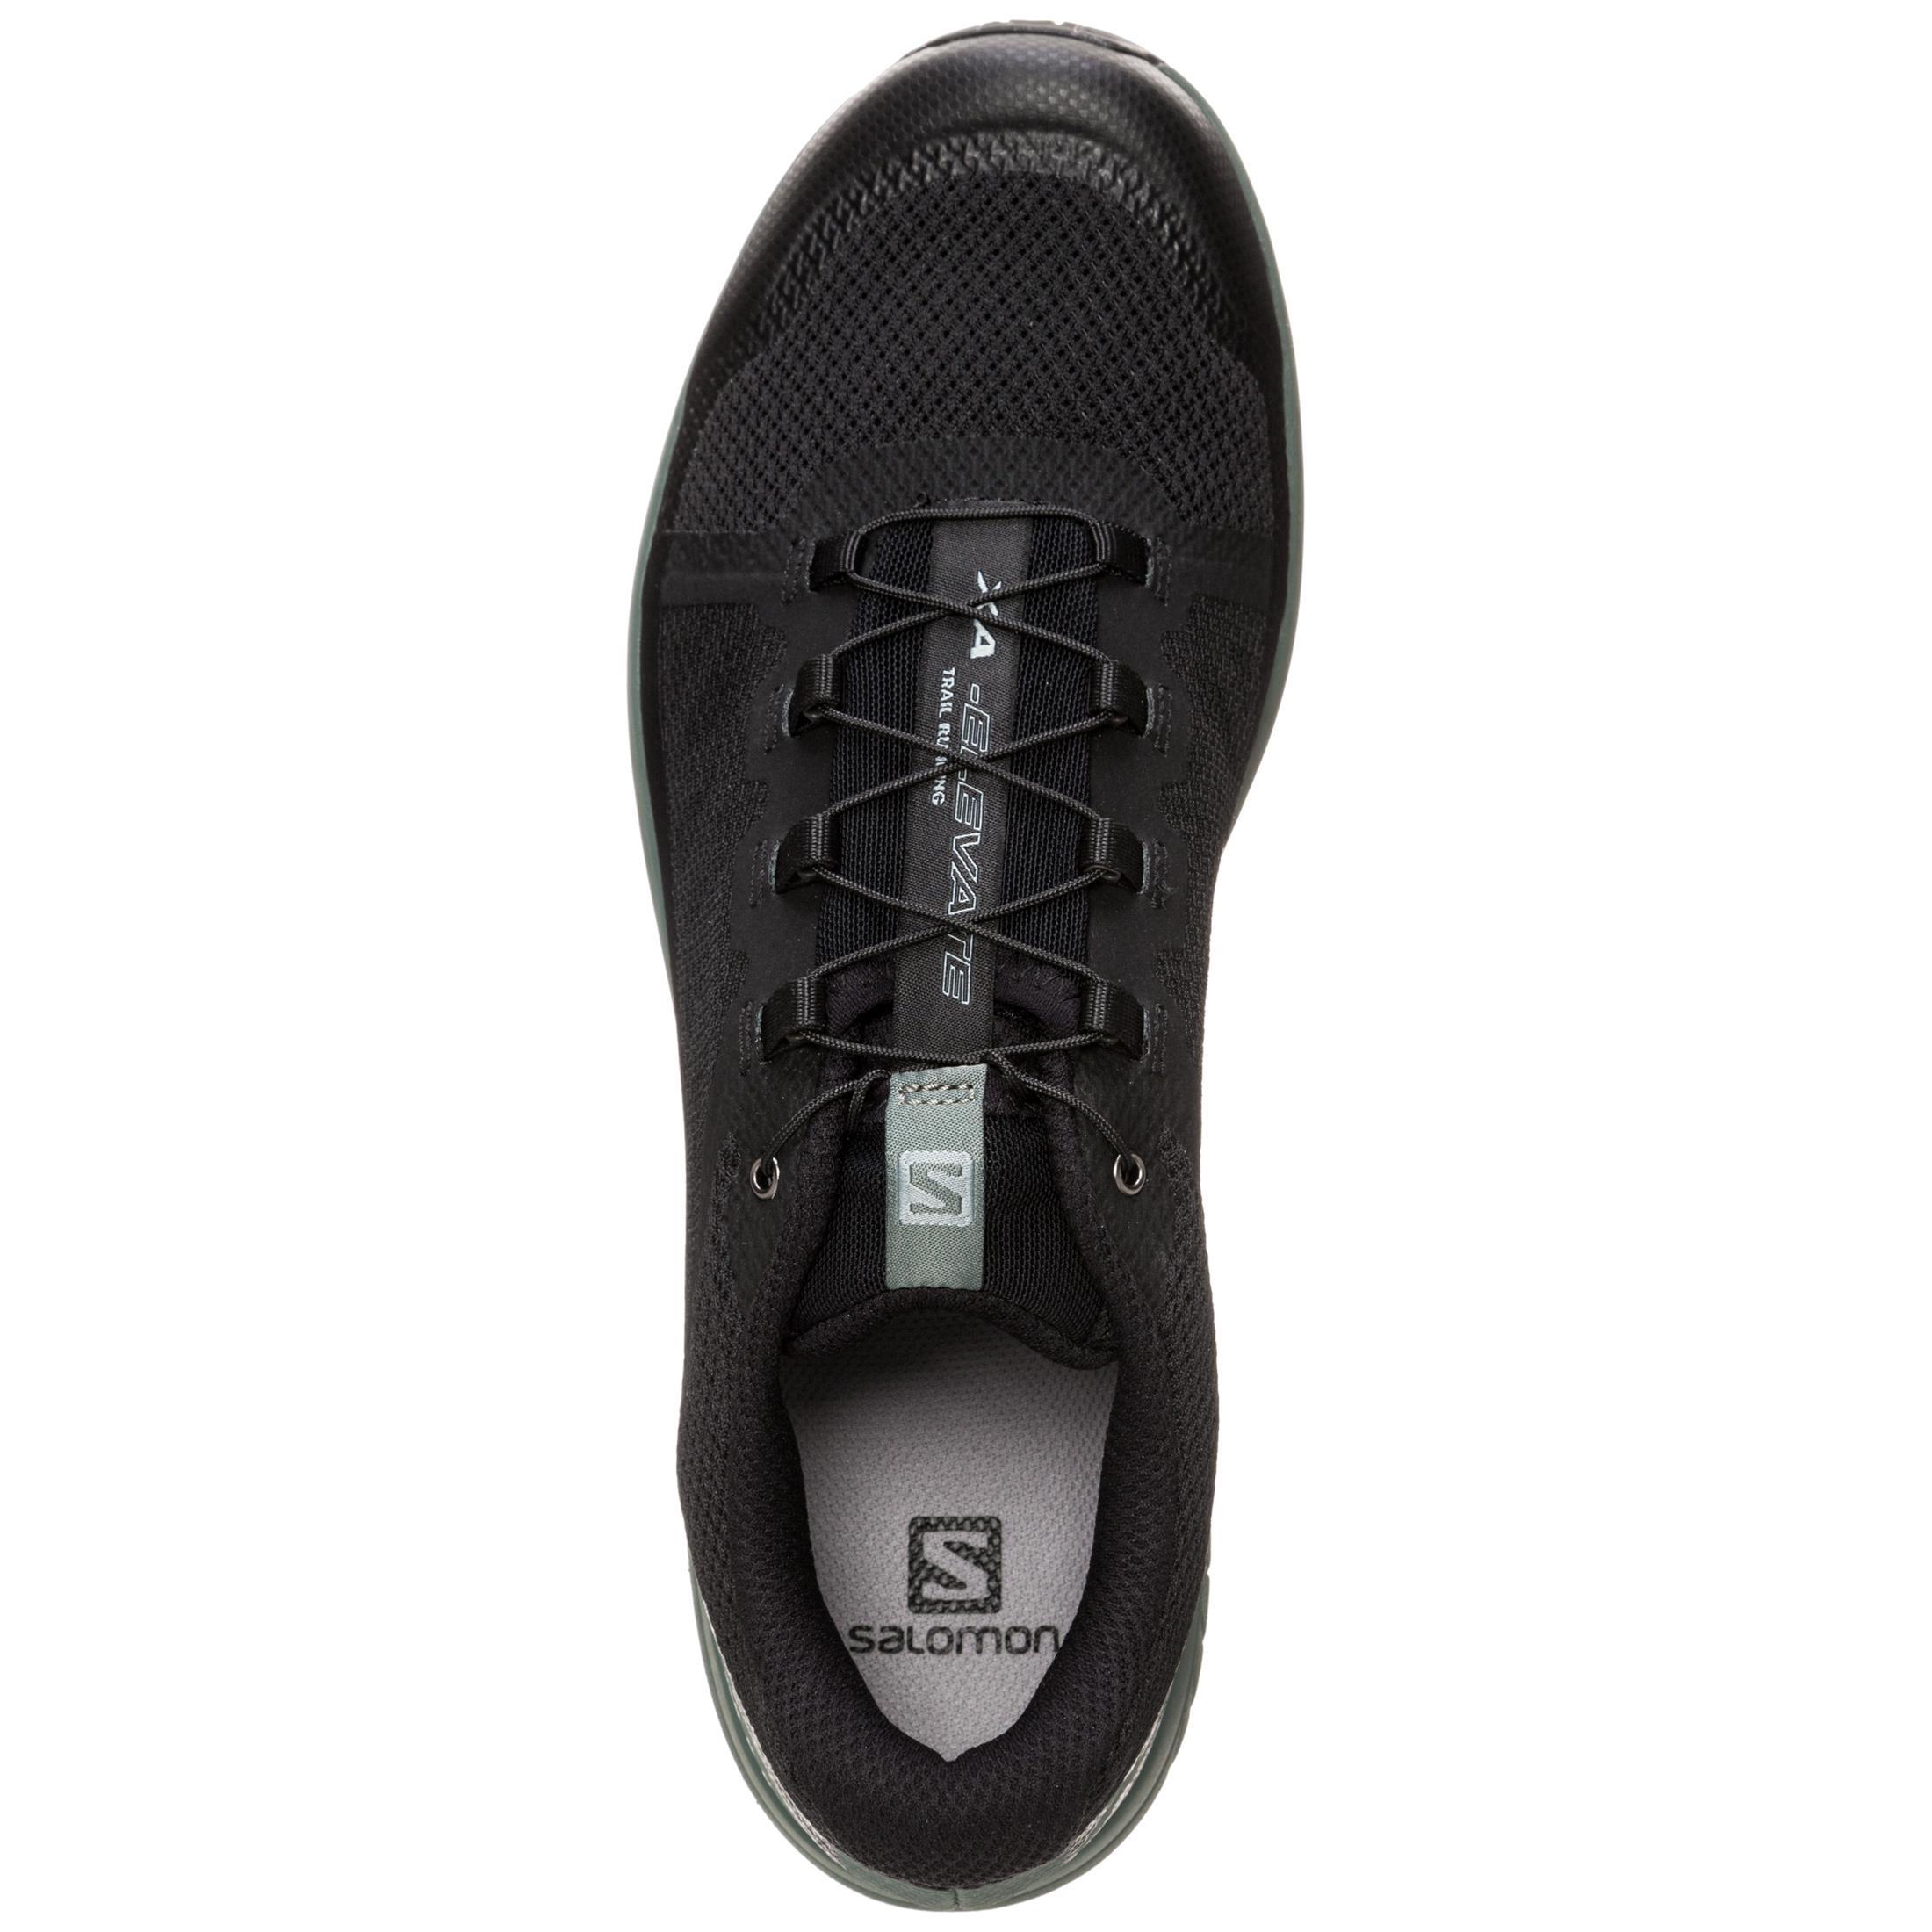 Salomon XA Elevate Elevate Elevate Laufschuhe Herren schwarz / grün im Online Shop von SportScheck kaufen Gute Qualität beliebte Schuhe 8d432c